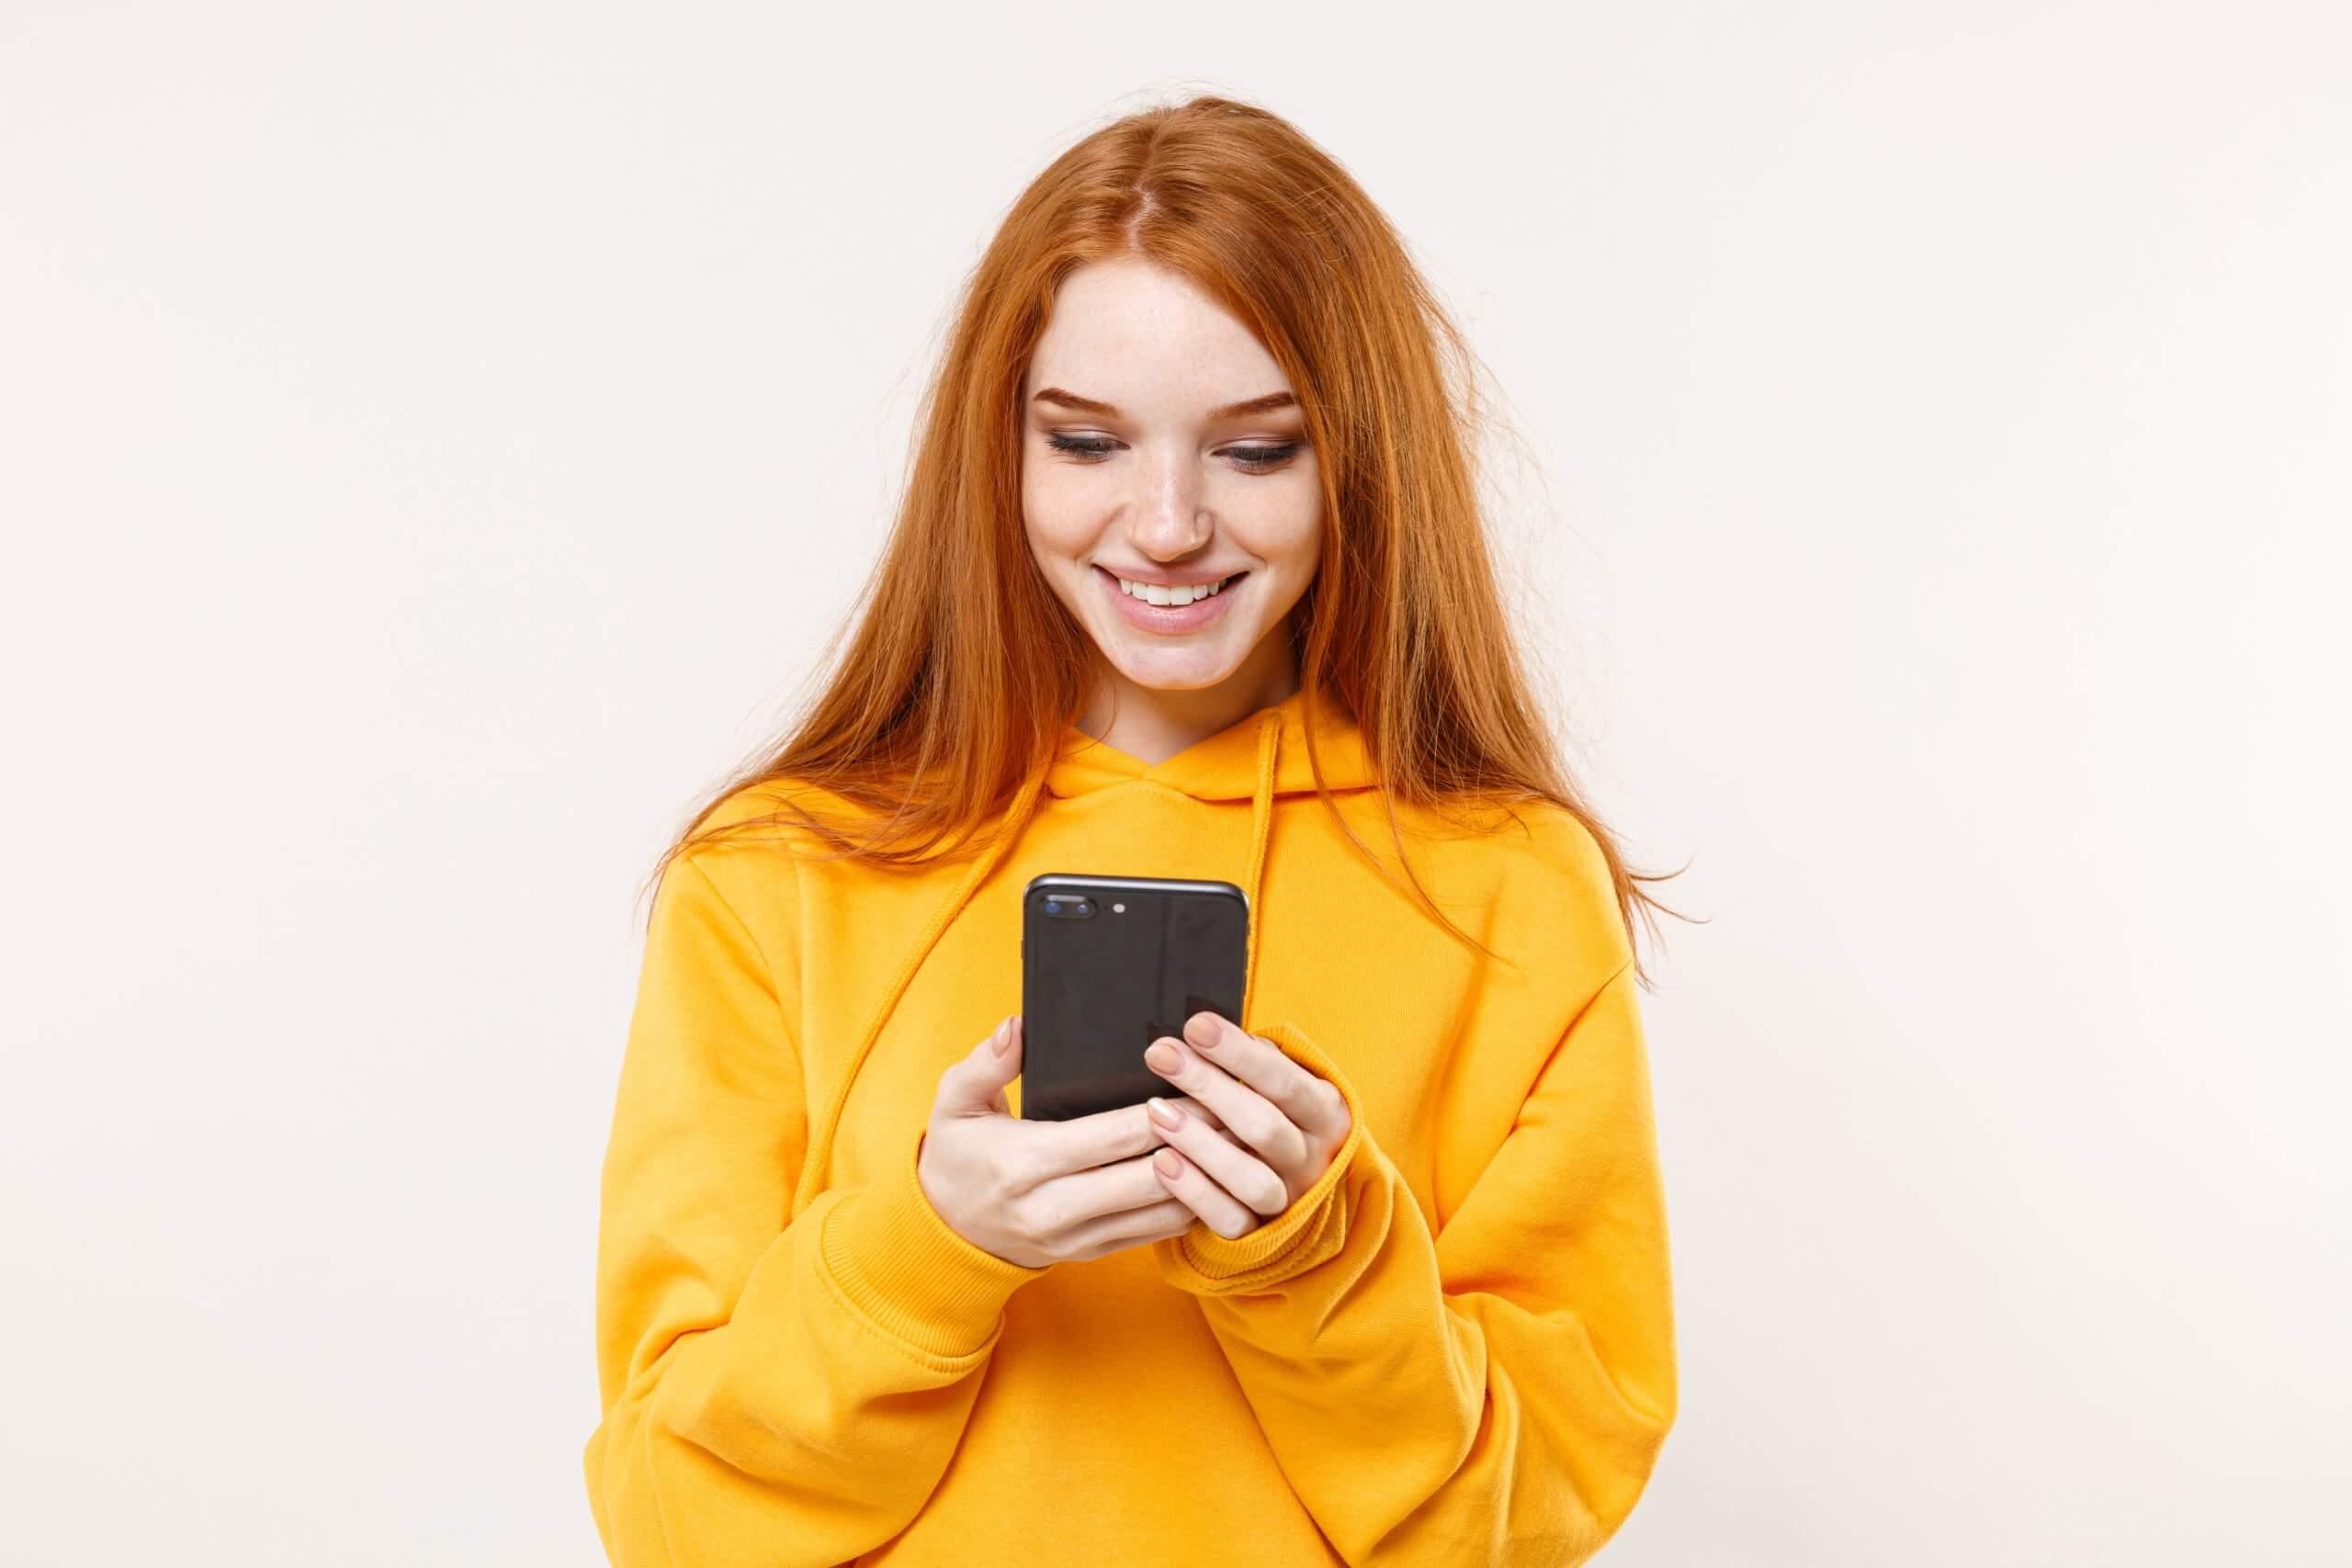 uśmiechnięta ruda kobieta w żółtej bluzie wpatrzona w smartfon